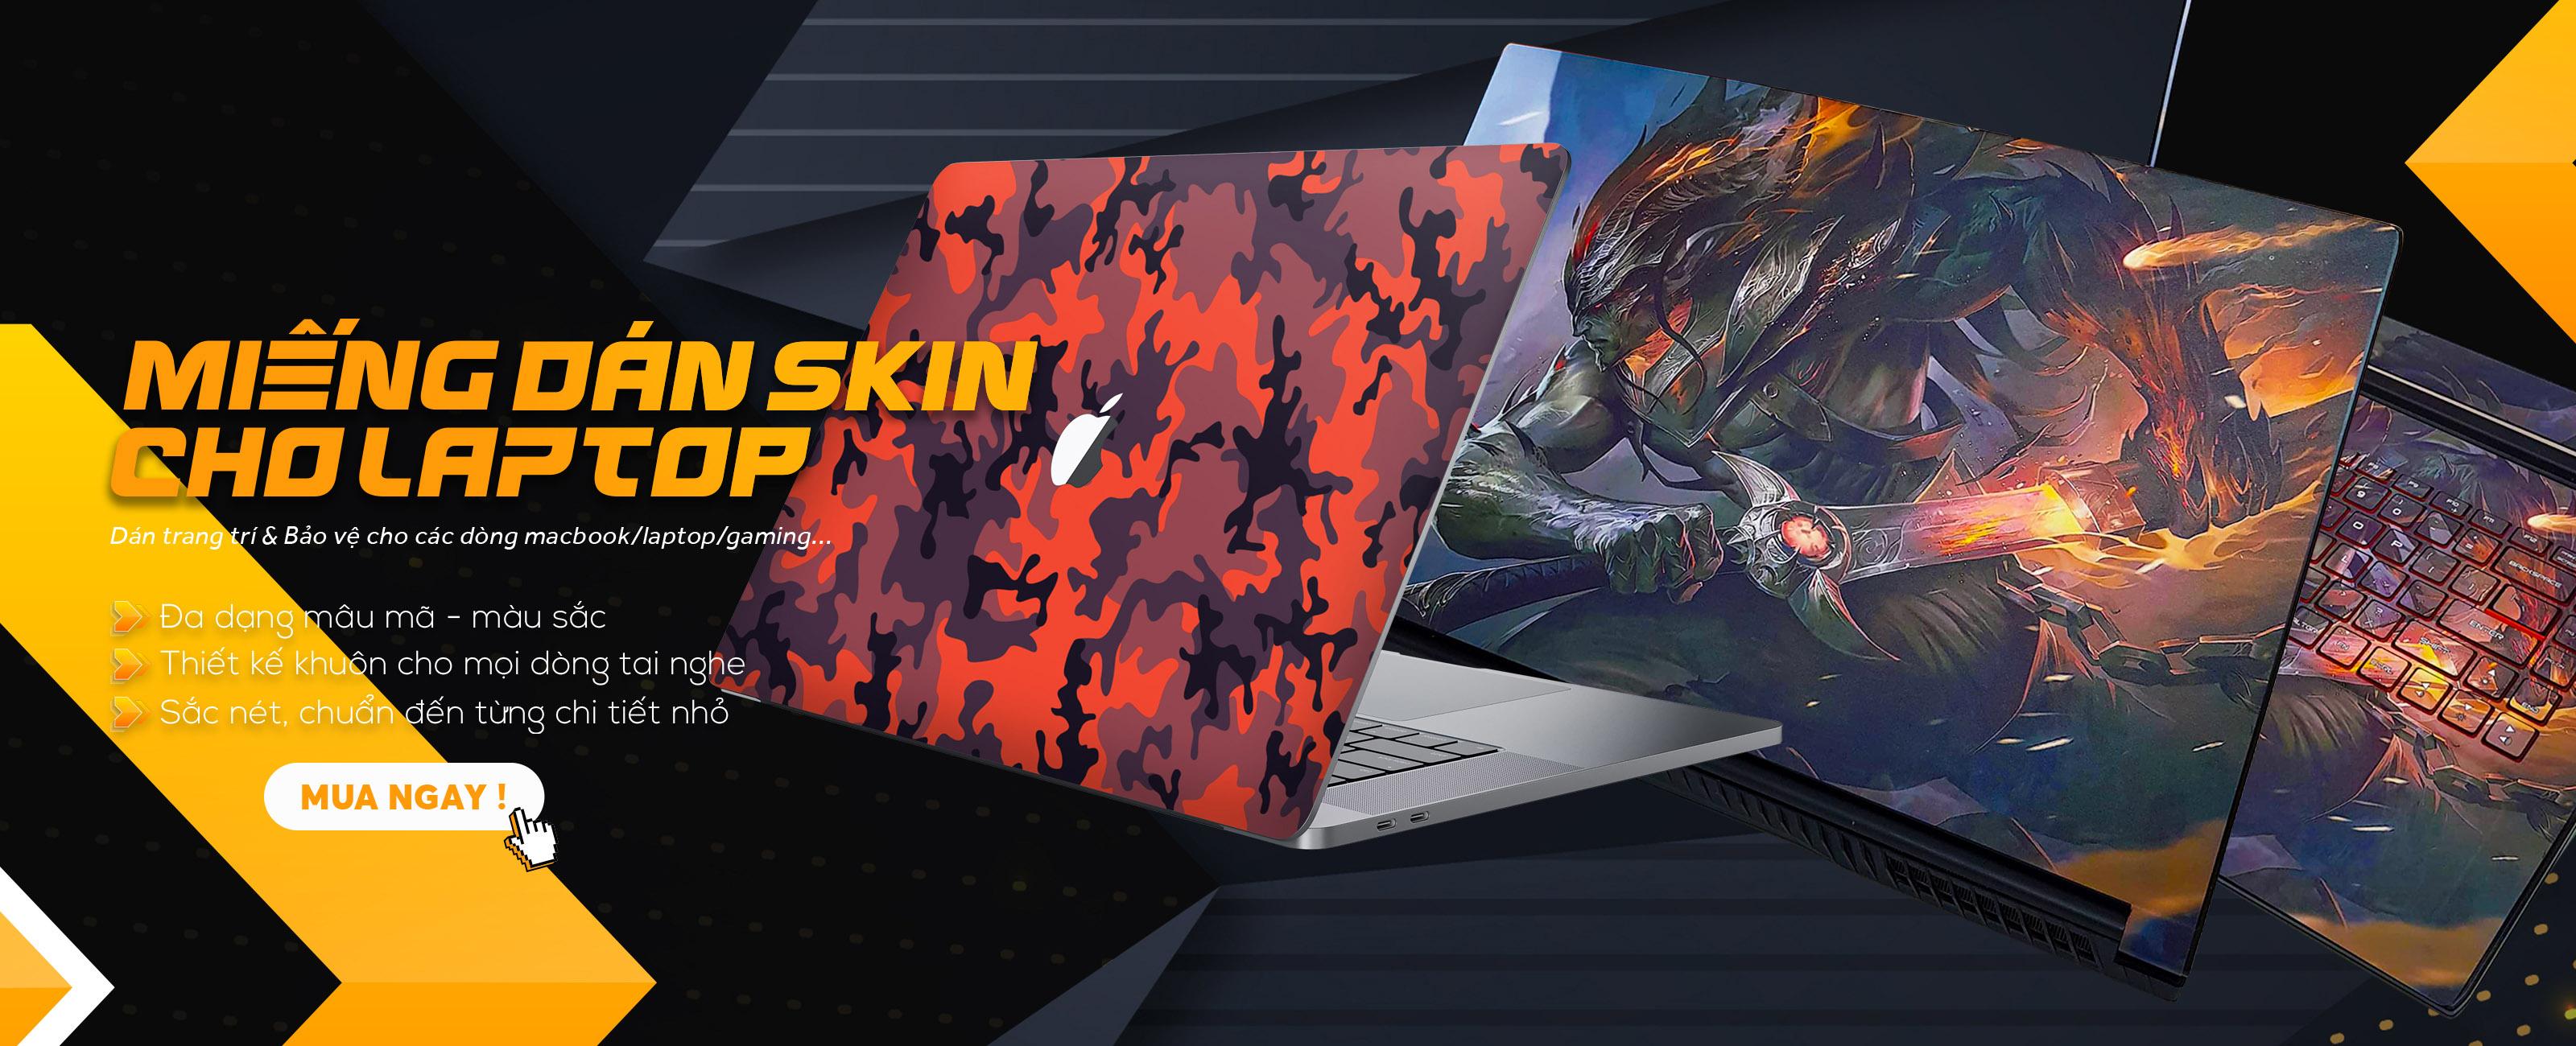 Miếng Dán Skin Laptop | Trang Trí & Bảo Vệ Laptop